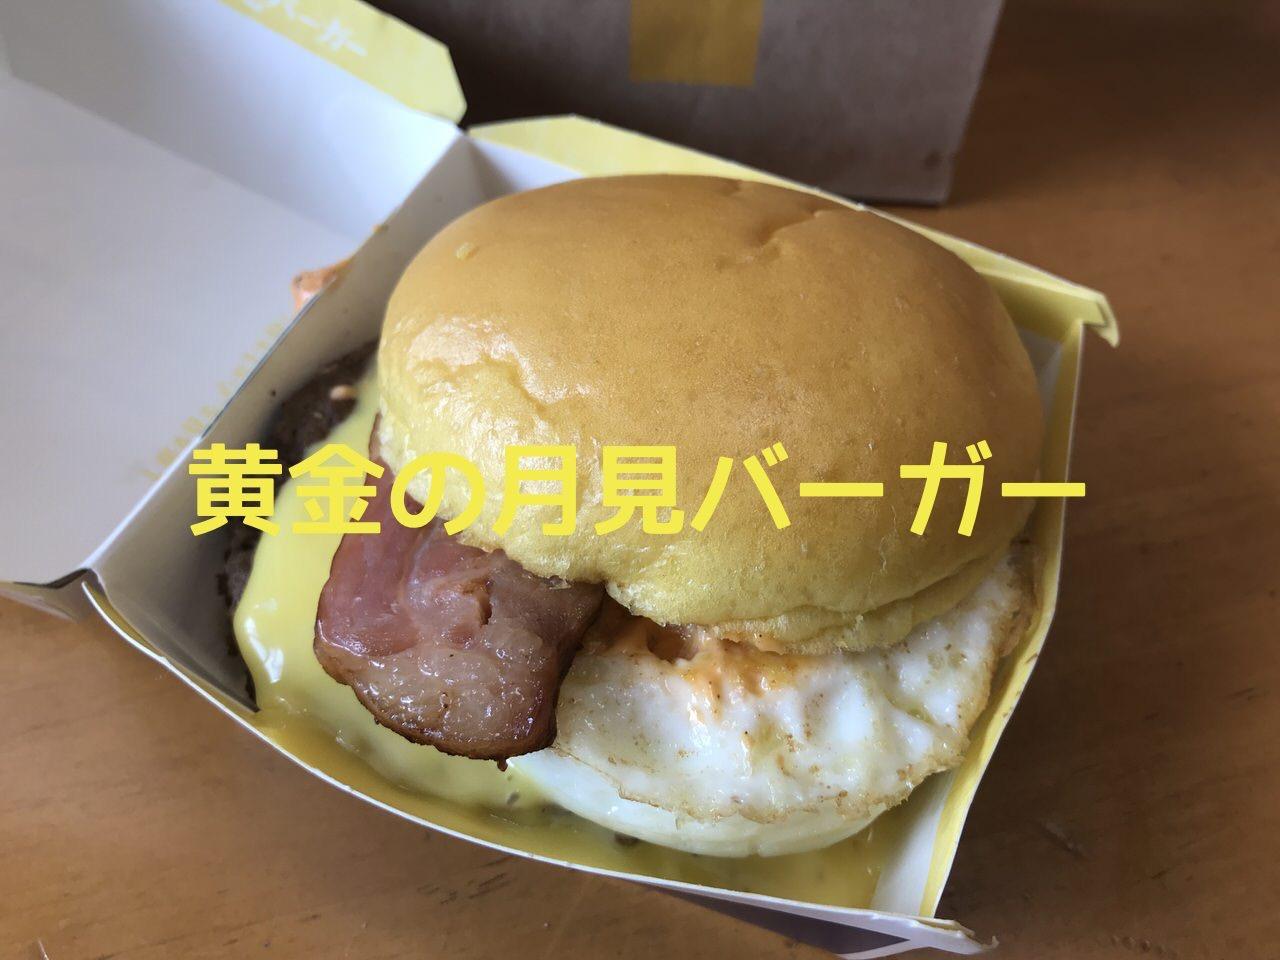 【マクドナルド】秋だから金色バンズの「黄金の月見バーガー」食べてみた